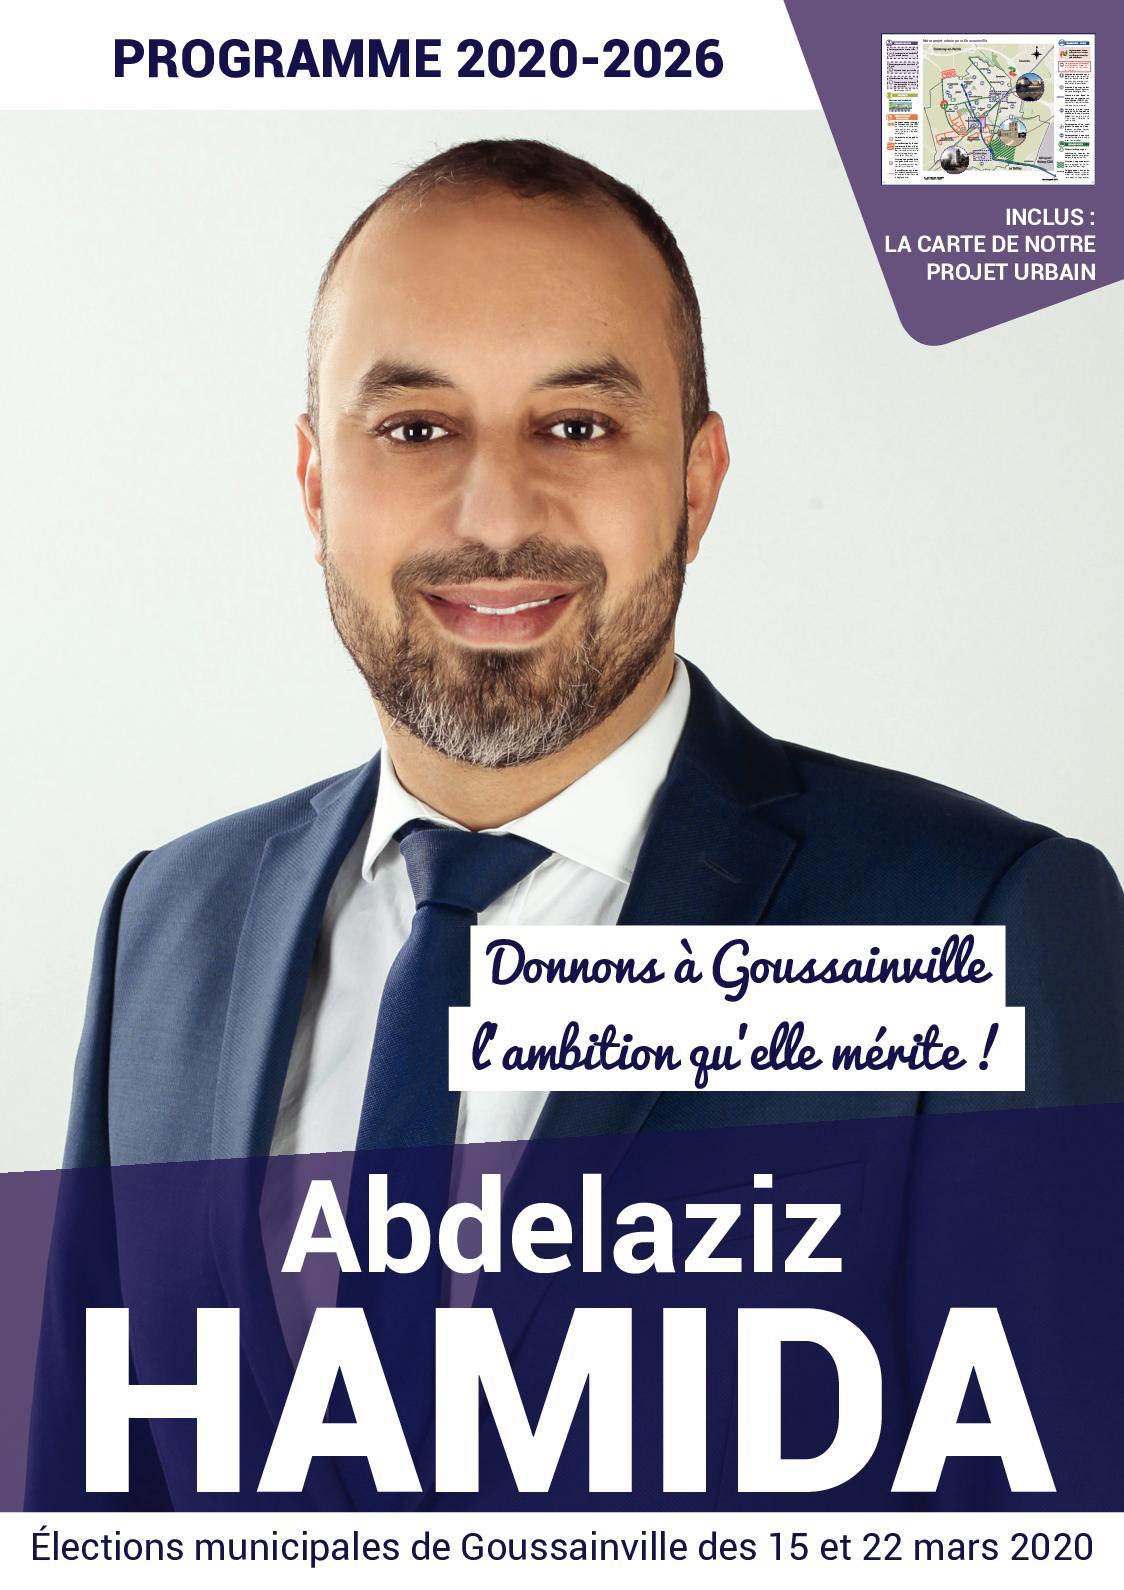 Goussainville : Le candidat communautaire, probablement fiché S pour radicalisme islamique, élu maire de la ville